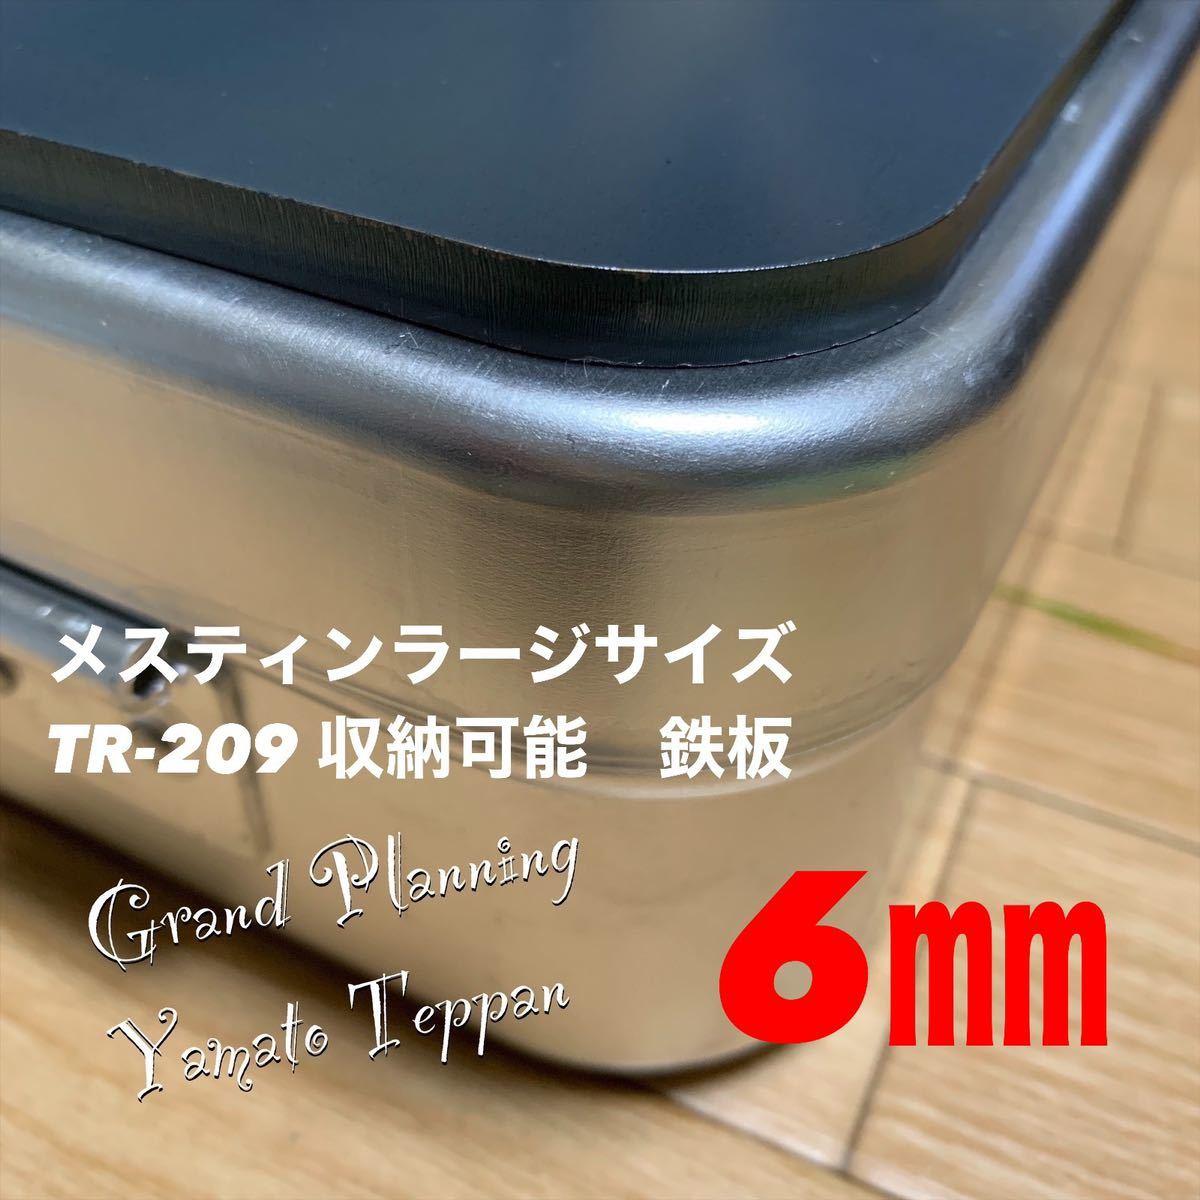 トランギア メスティン ラージ 収納サイズ 6ミリ 鉄板 取手用スクレーパー マイクロファイバー収納袋 大和鉄板 焚き火台にも